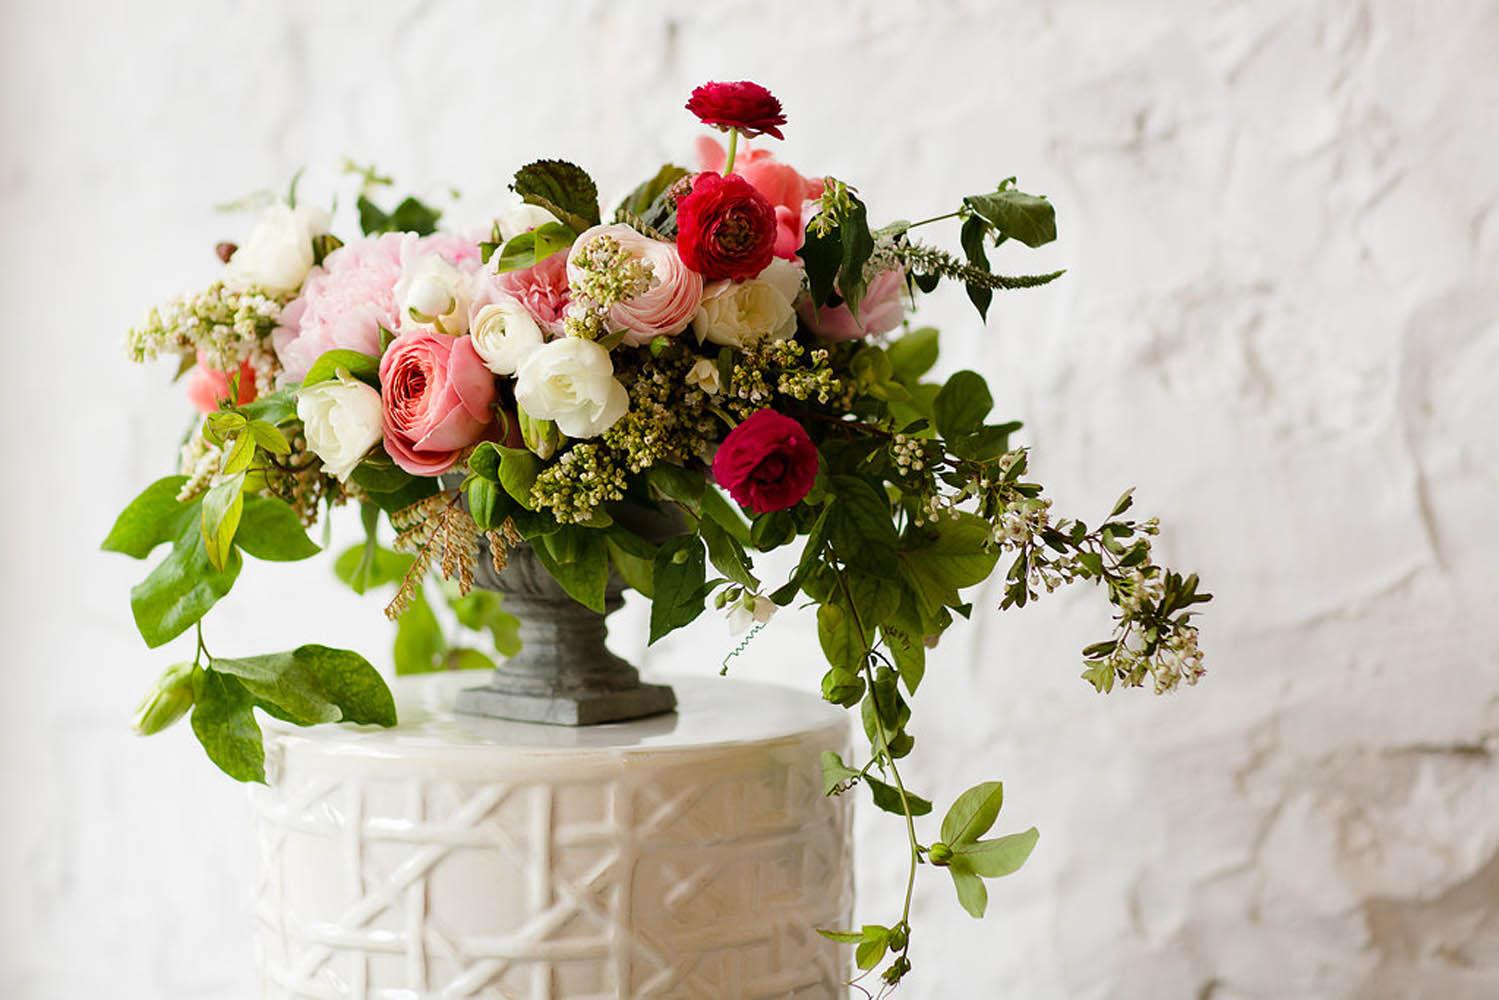 ct_floral_design.jpg